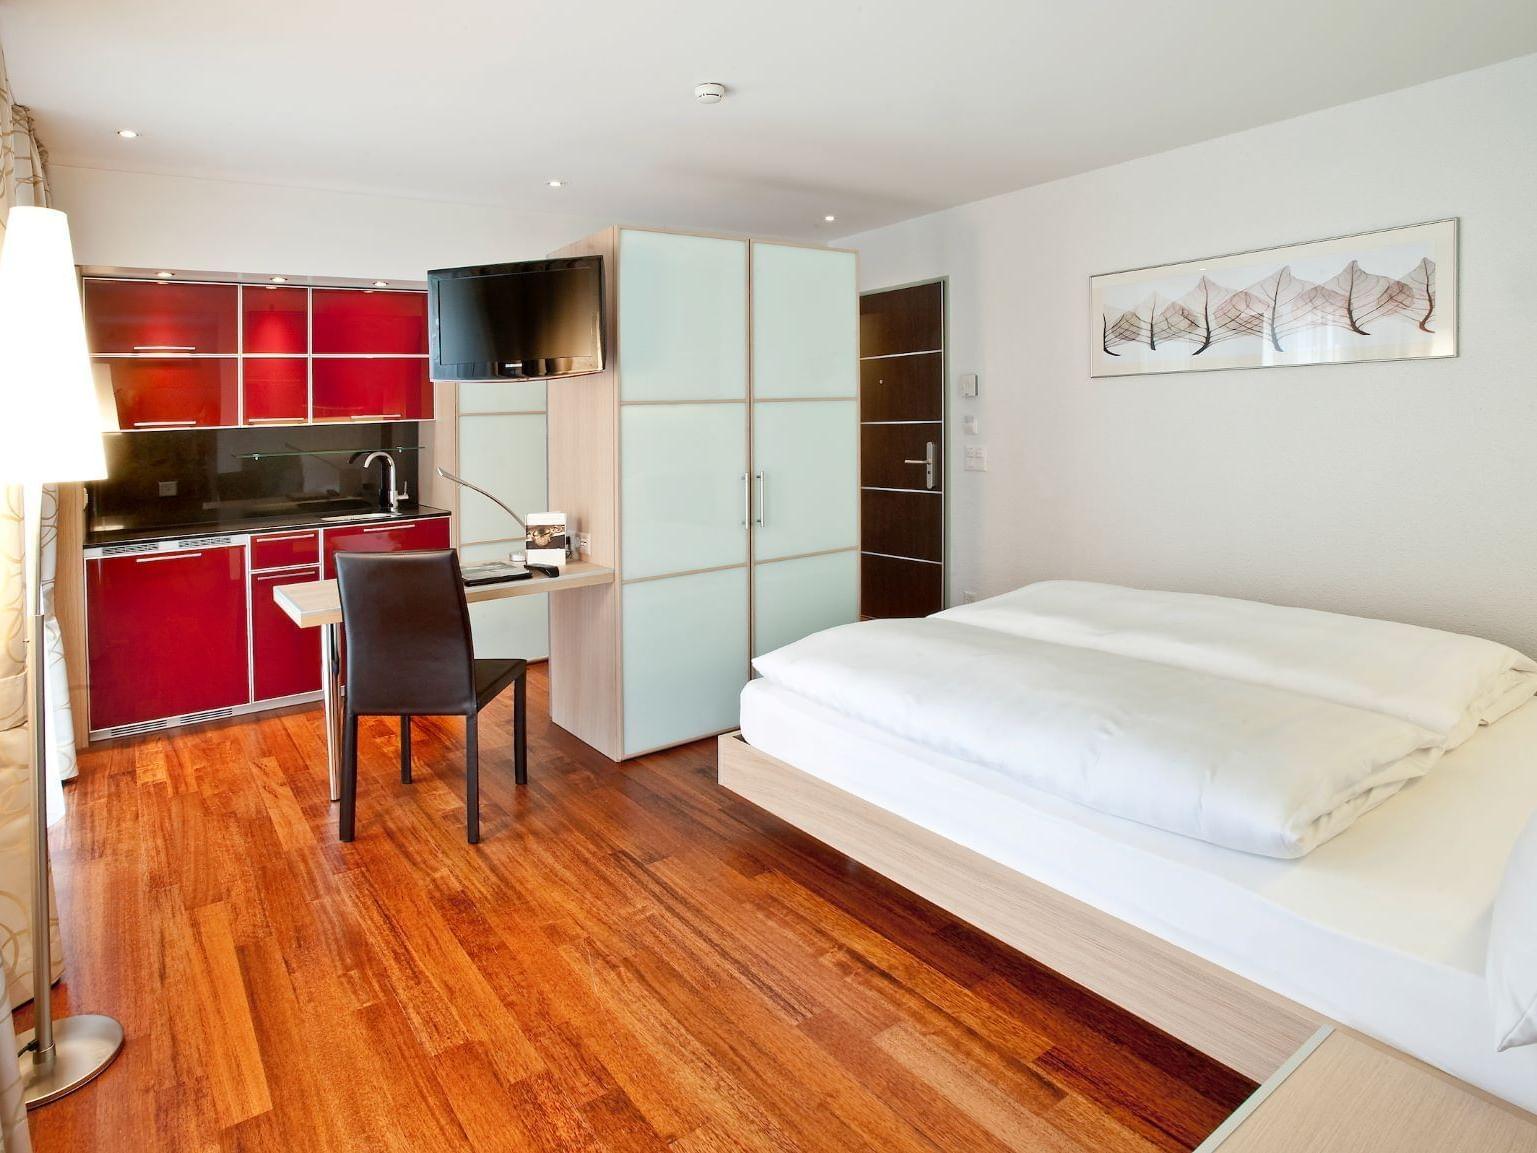 Standard Double Room at Hotel Krone Unterstrass in Zurich